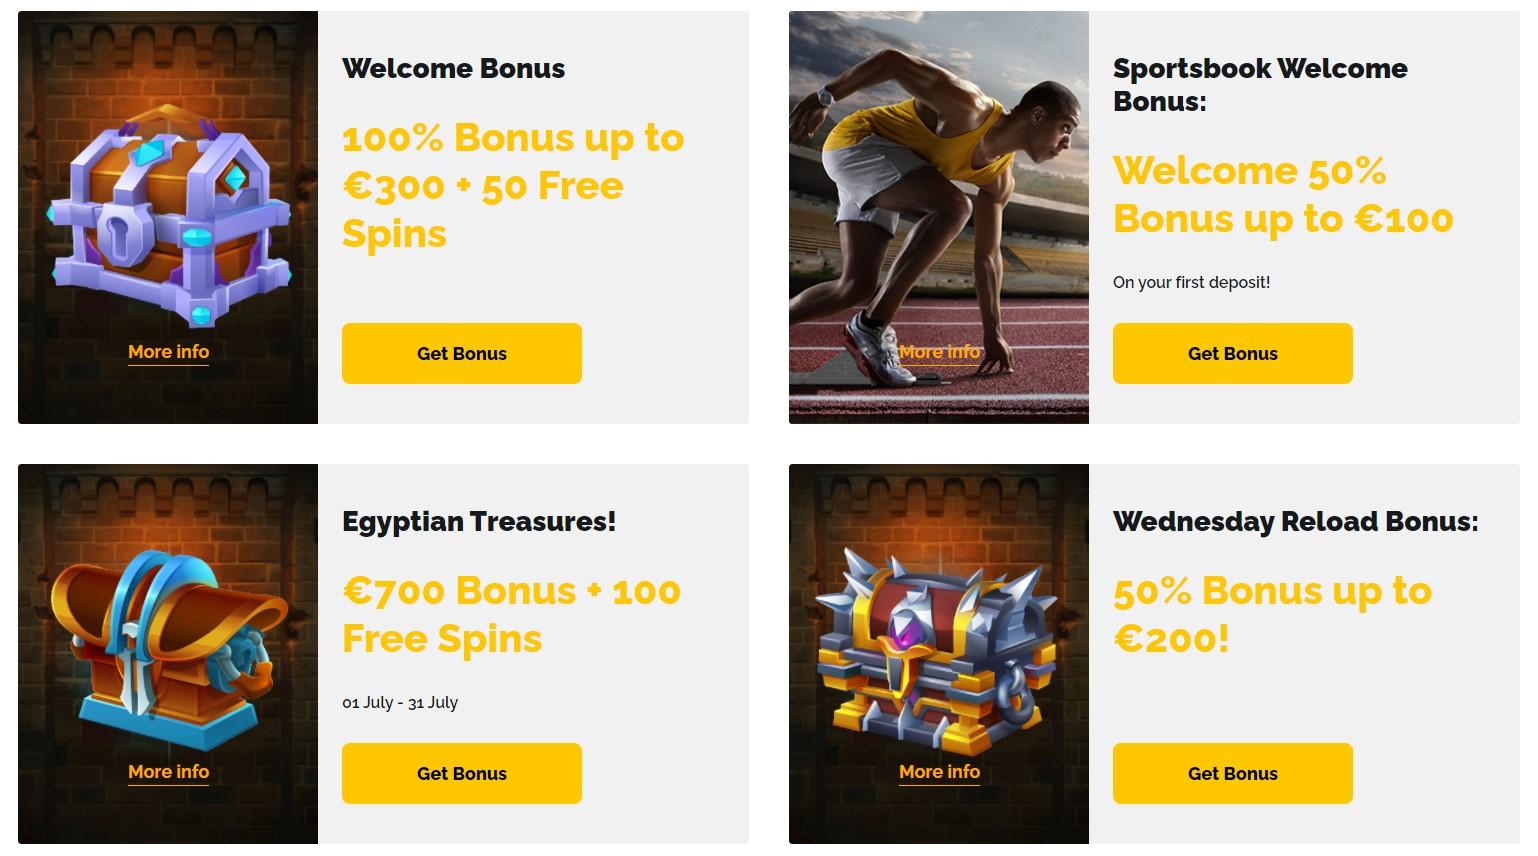 Regals Casino Welcome Bonus